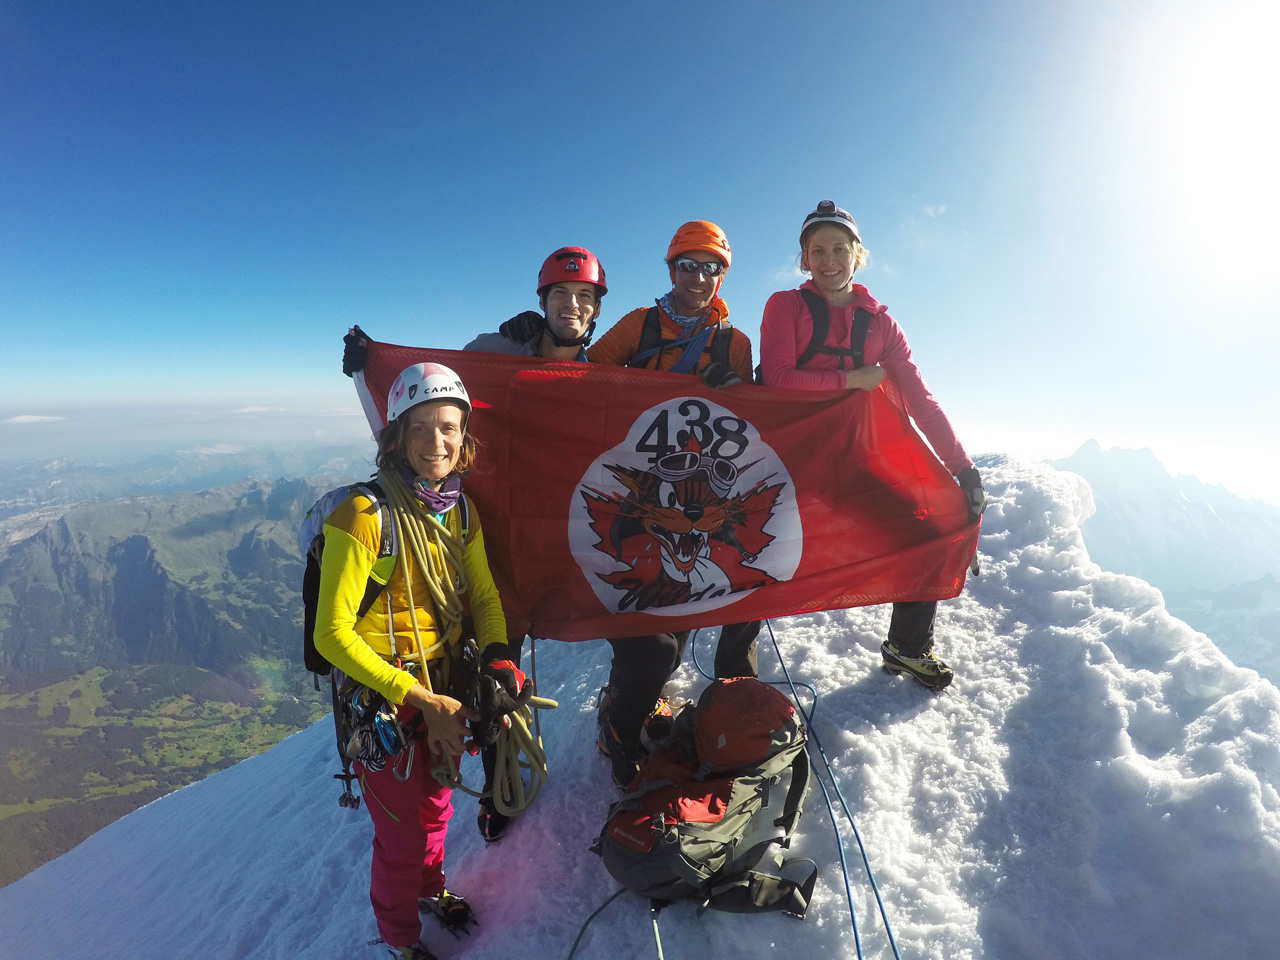 Stéphanie Maureau, Antoine Labranche, Guillaume Omont et Alina Zagaytova, tenant le drapeau du 438 ETAH au sommet du Eiger.